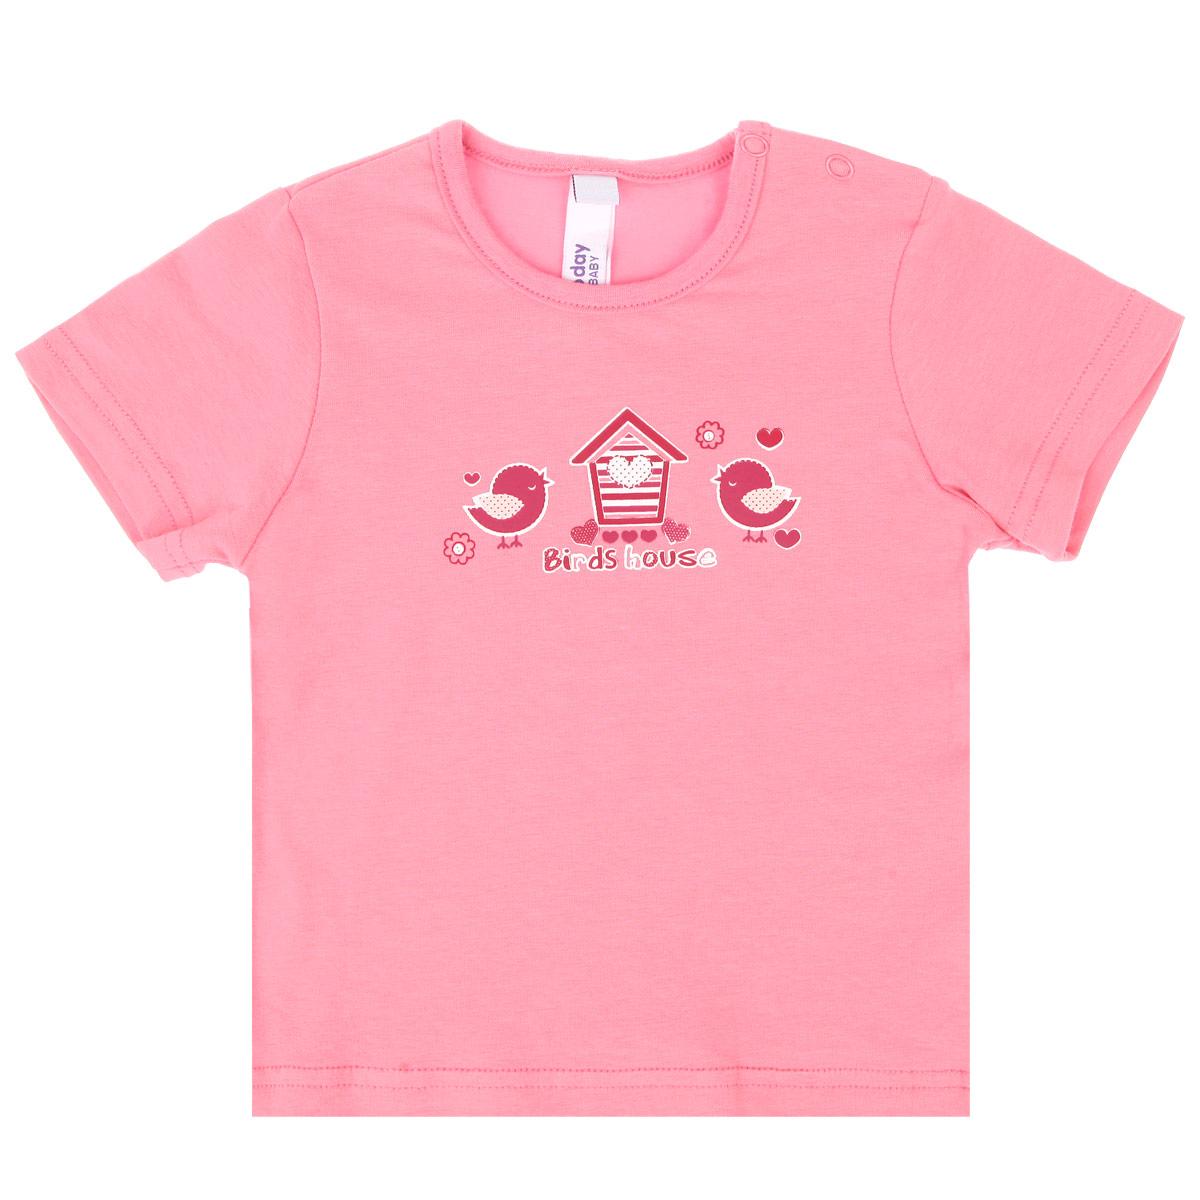 Футболка для девочки. 358065358065Яркая футболка для девочки PlayToday Baby идеально подойдет вашей малышке и станет прекрасным дополнением детского гардероба. Изготовленная из эластичного хлопка, она мягкая и приятная на ощупь, не сковывает движения и позволяет коже дышать, не раздражает даже самую нежную и чувствительную кожу ребенка, обеспечивая наибольший комфорт. Футболка с круглым вырезом горловины и короткими рукавами имеет застежки-кнопки по плечу, что позволяет легко переодеть кроху. Оформлена модель спереди небольшим принтом с изображением птичек и скворечника, а также принтовой надписью Birds House. В такой футболке ваша маленькая принцесса будет чувствовать себя уютно и комфортно, и всегда будет в центре внимания!